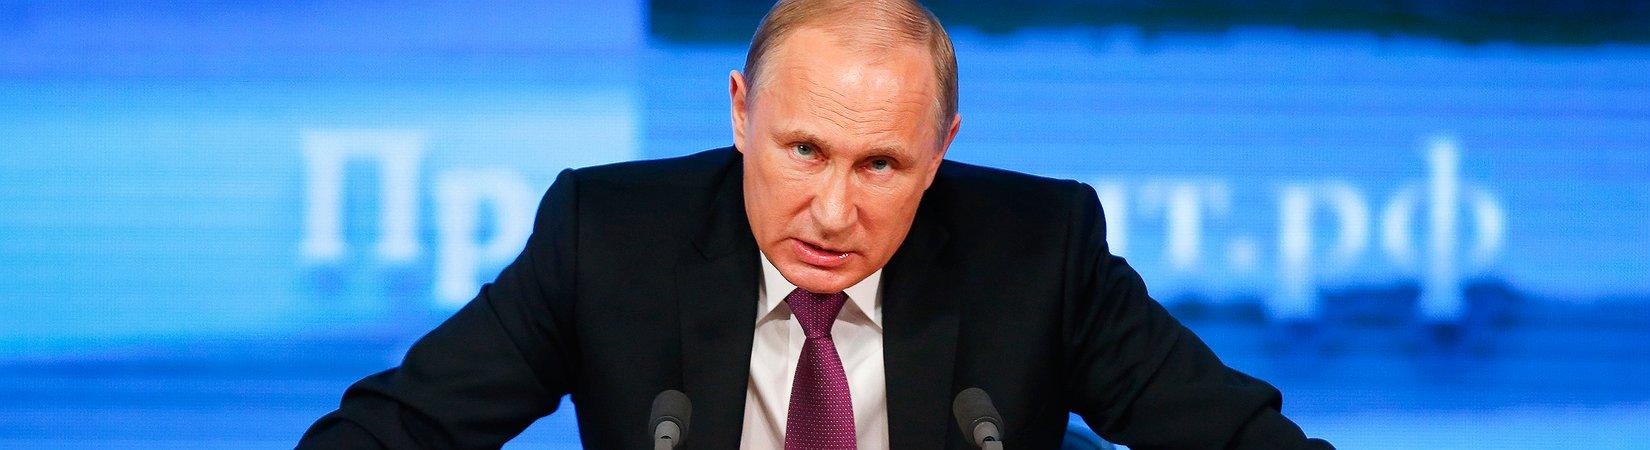 Putin nimmt Stellung zu den Panama Papers